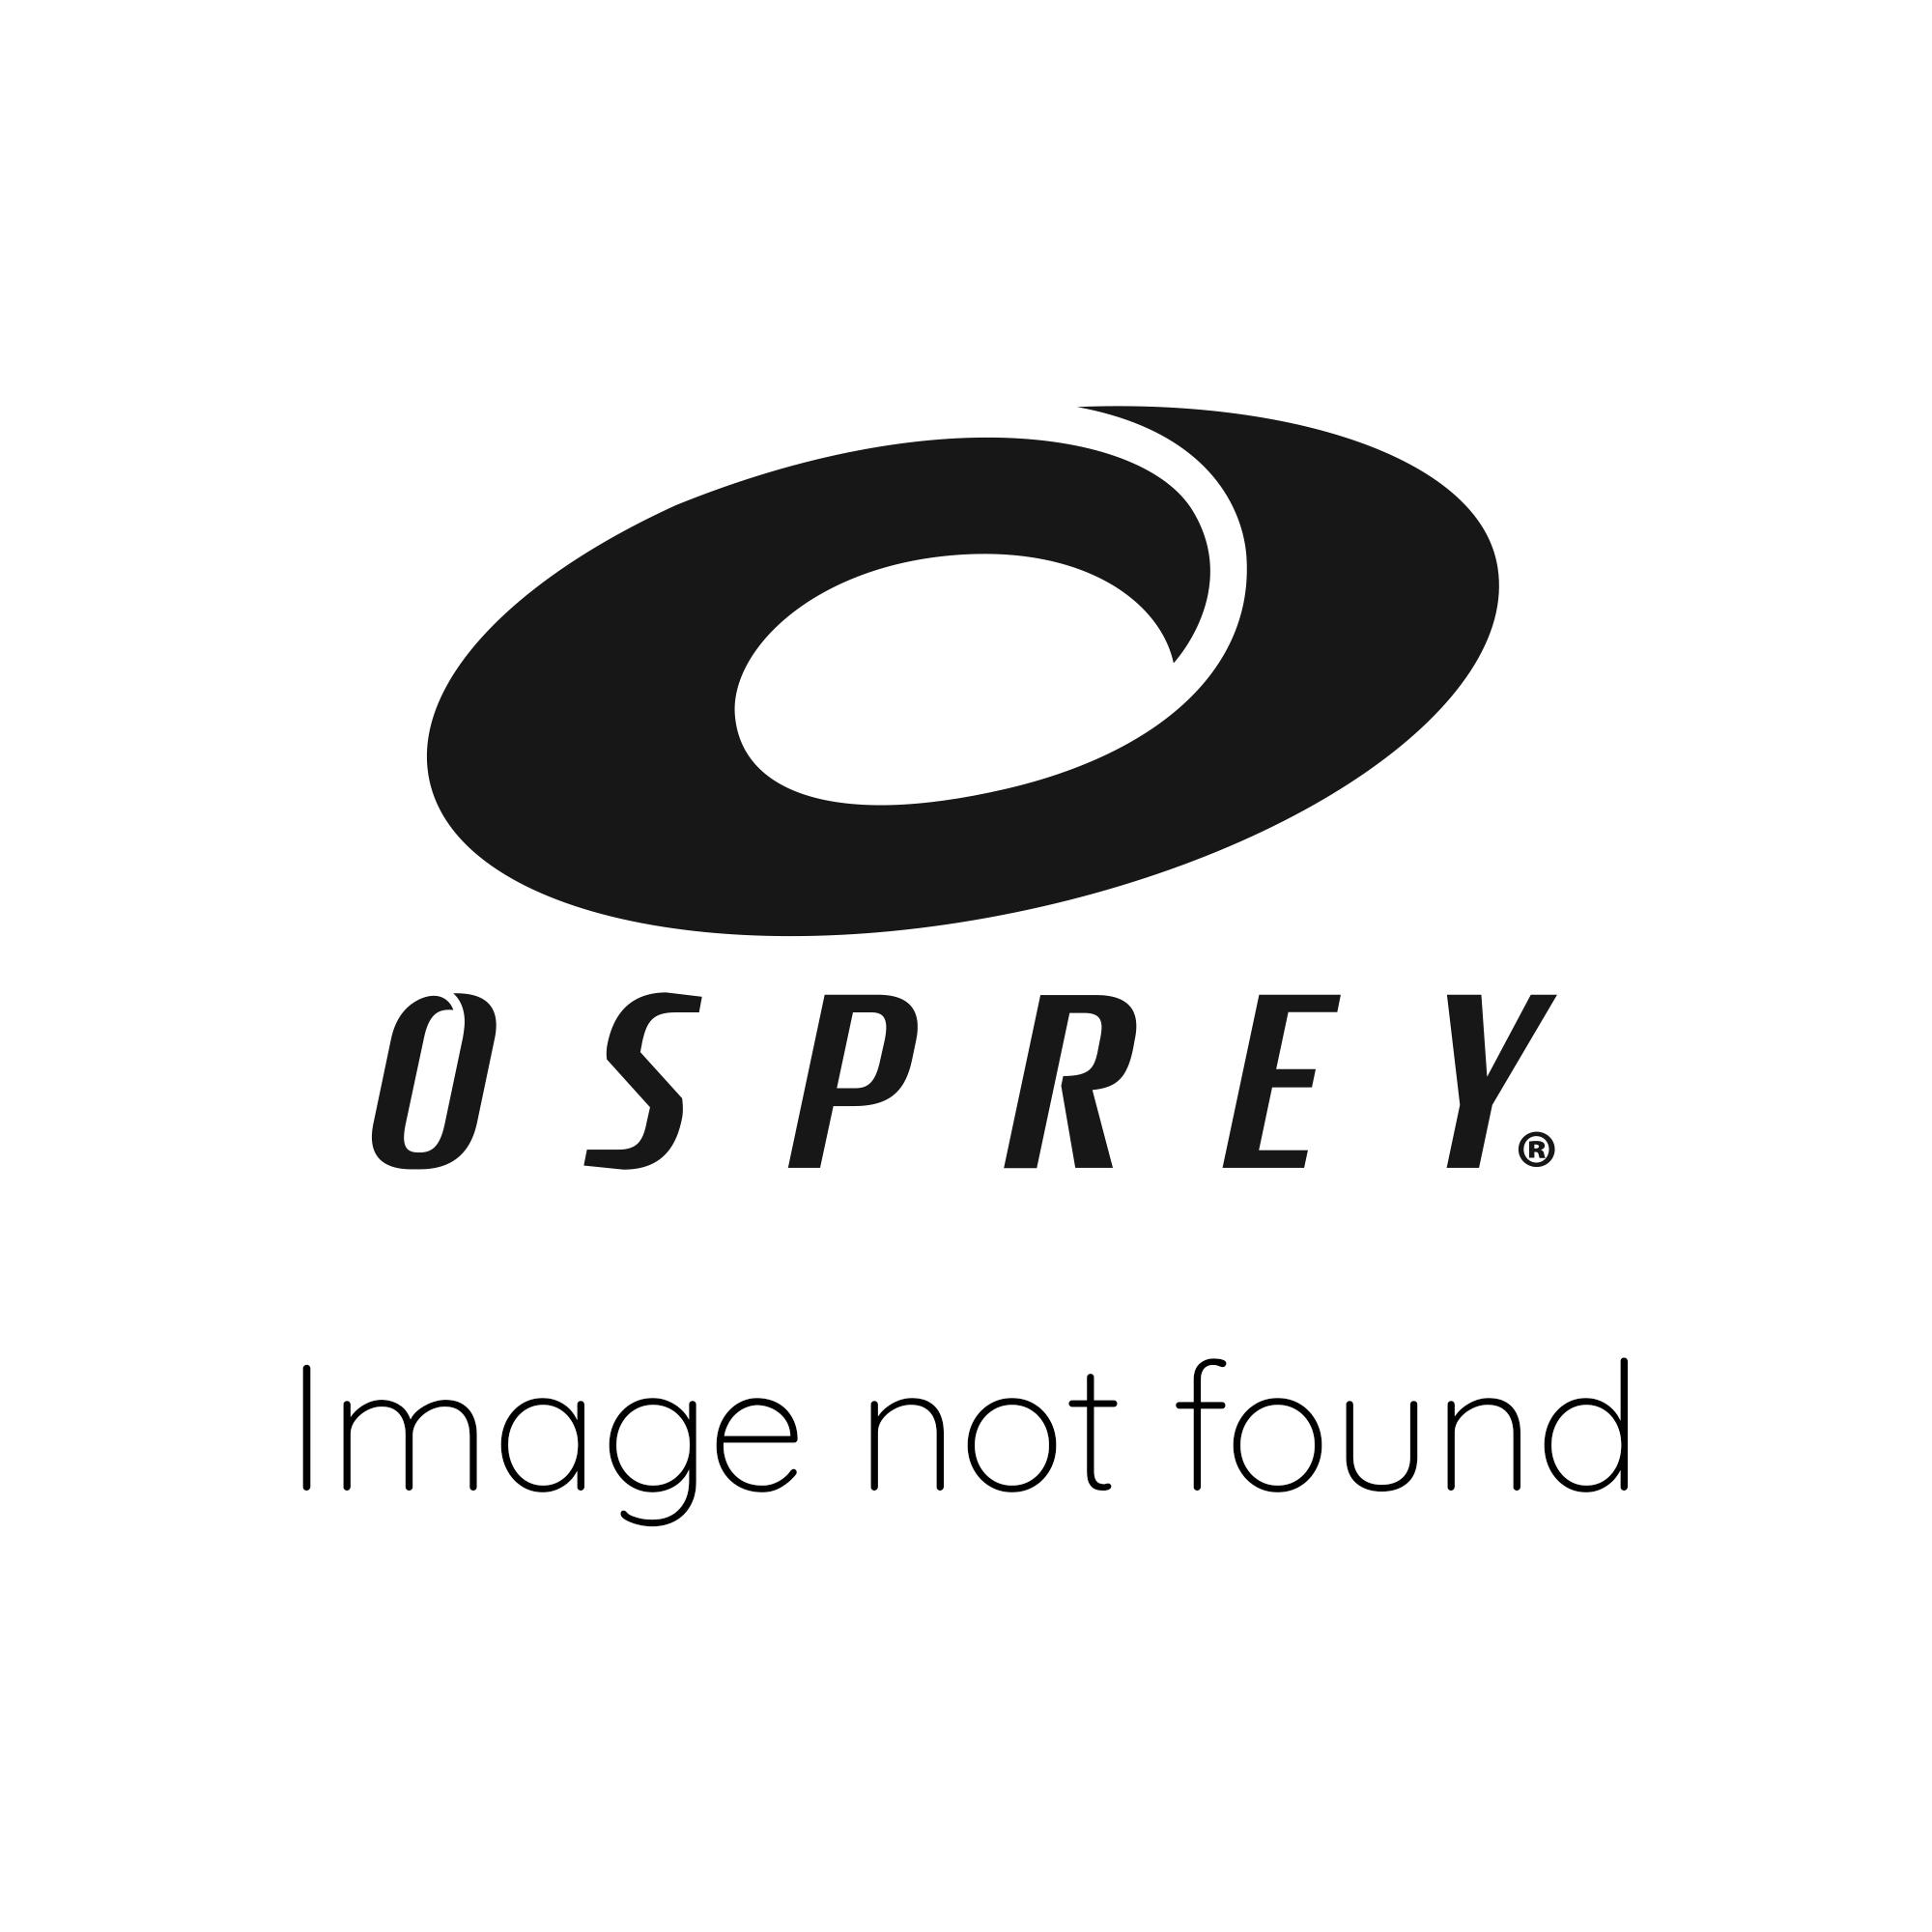 Osprey 6ft Wood Foamie Surfboard